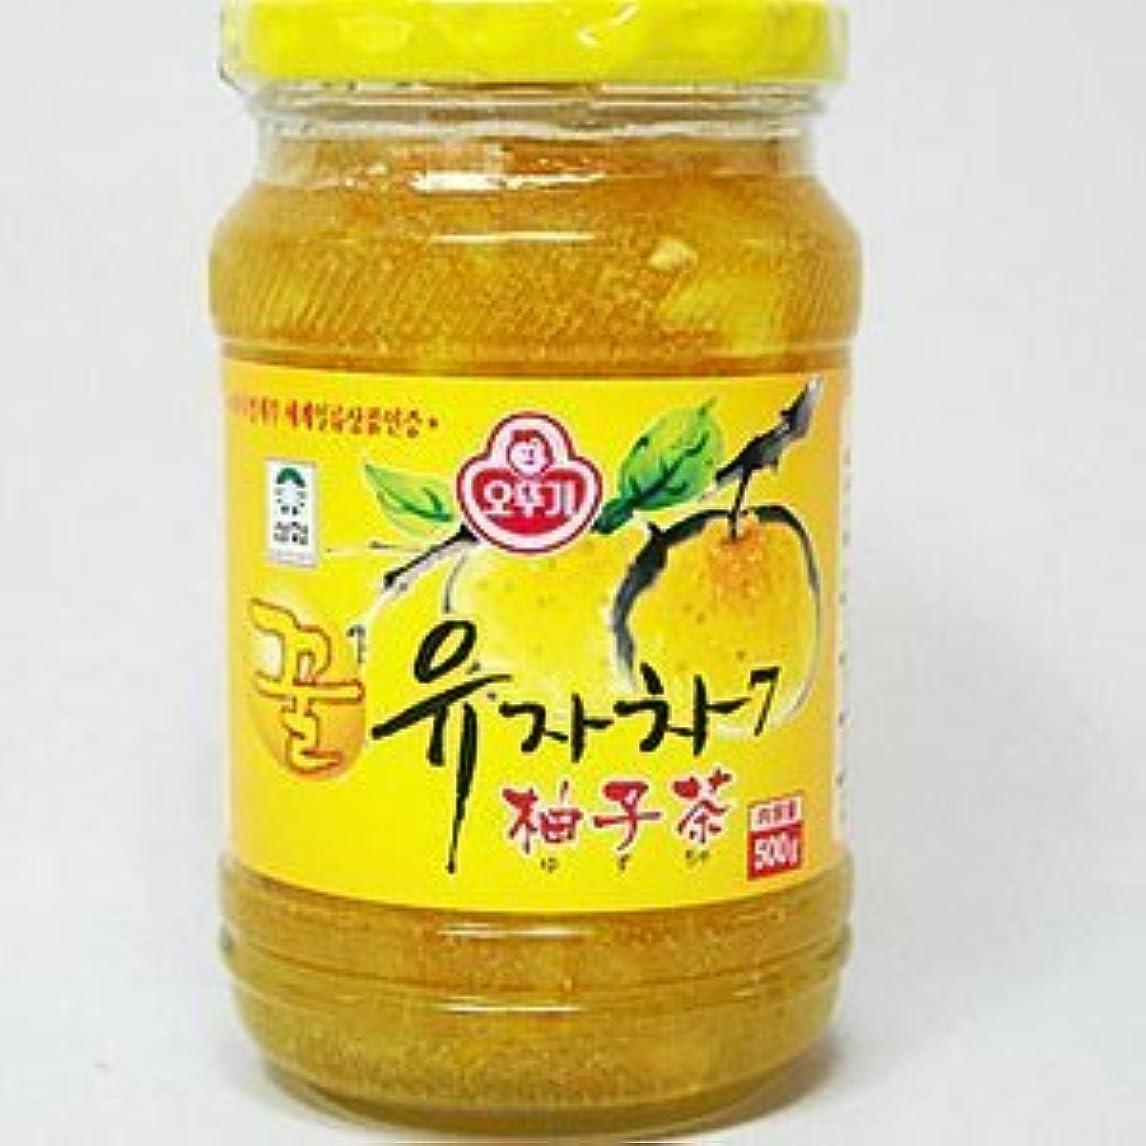 いつでも担保出費韓国 柚子茶 500g×2個セット (オットギ ゆず茶)